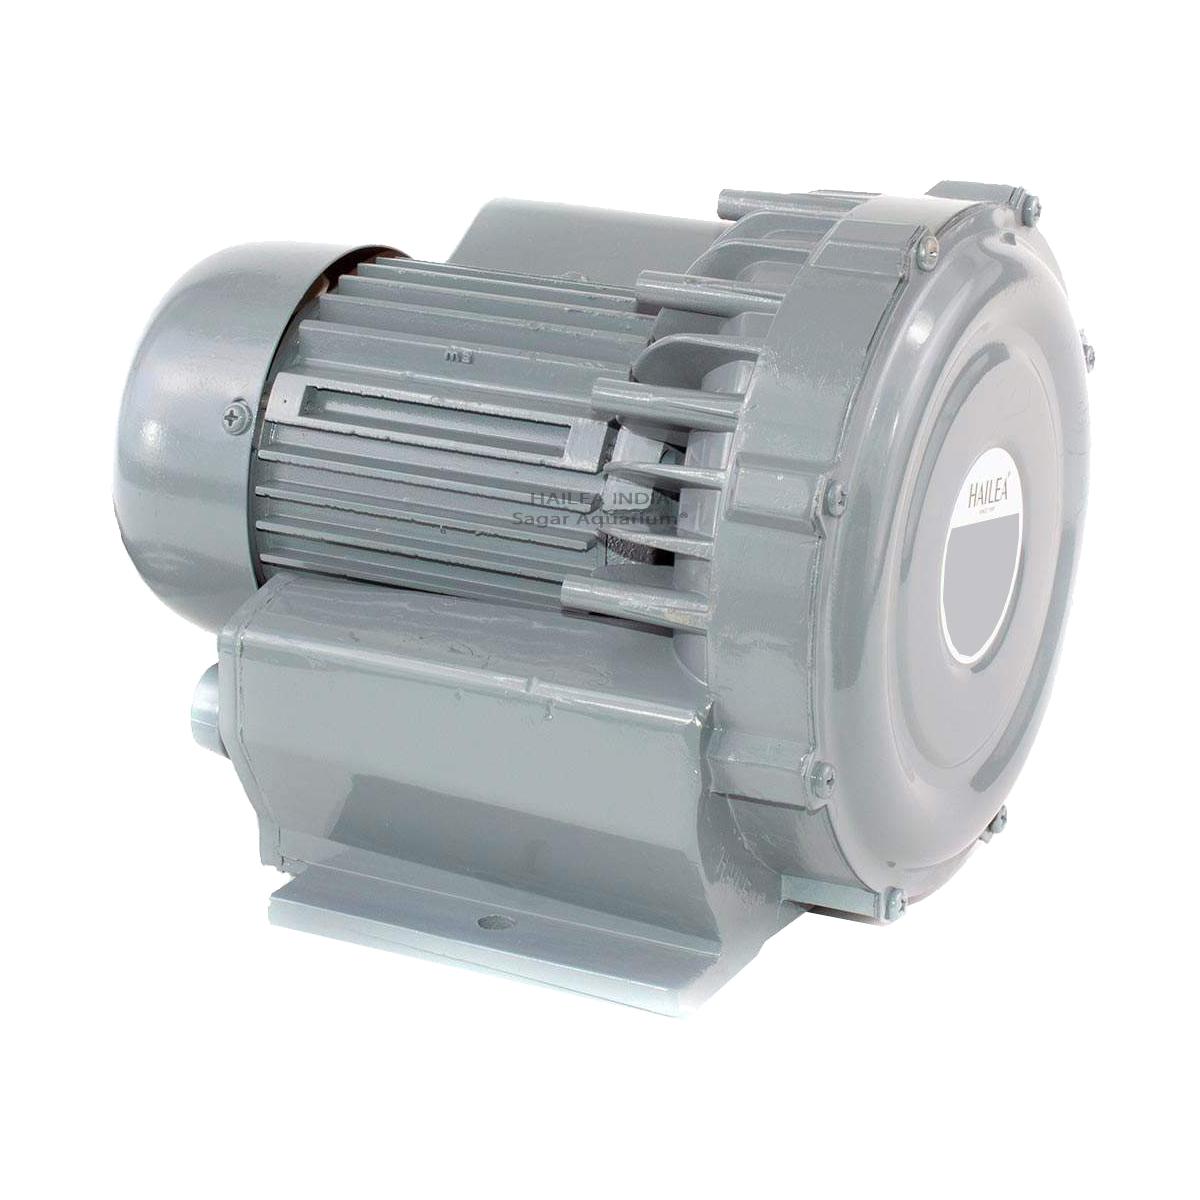 Hailea VB-600G Vortex Blower Powerful Air Pump 640 L/min